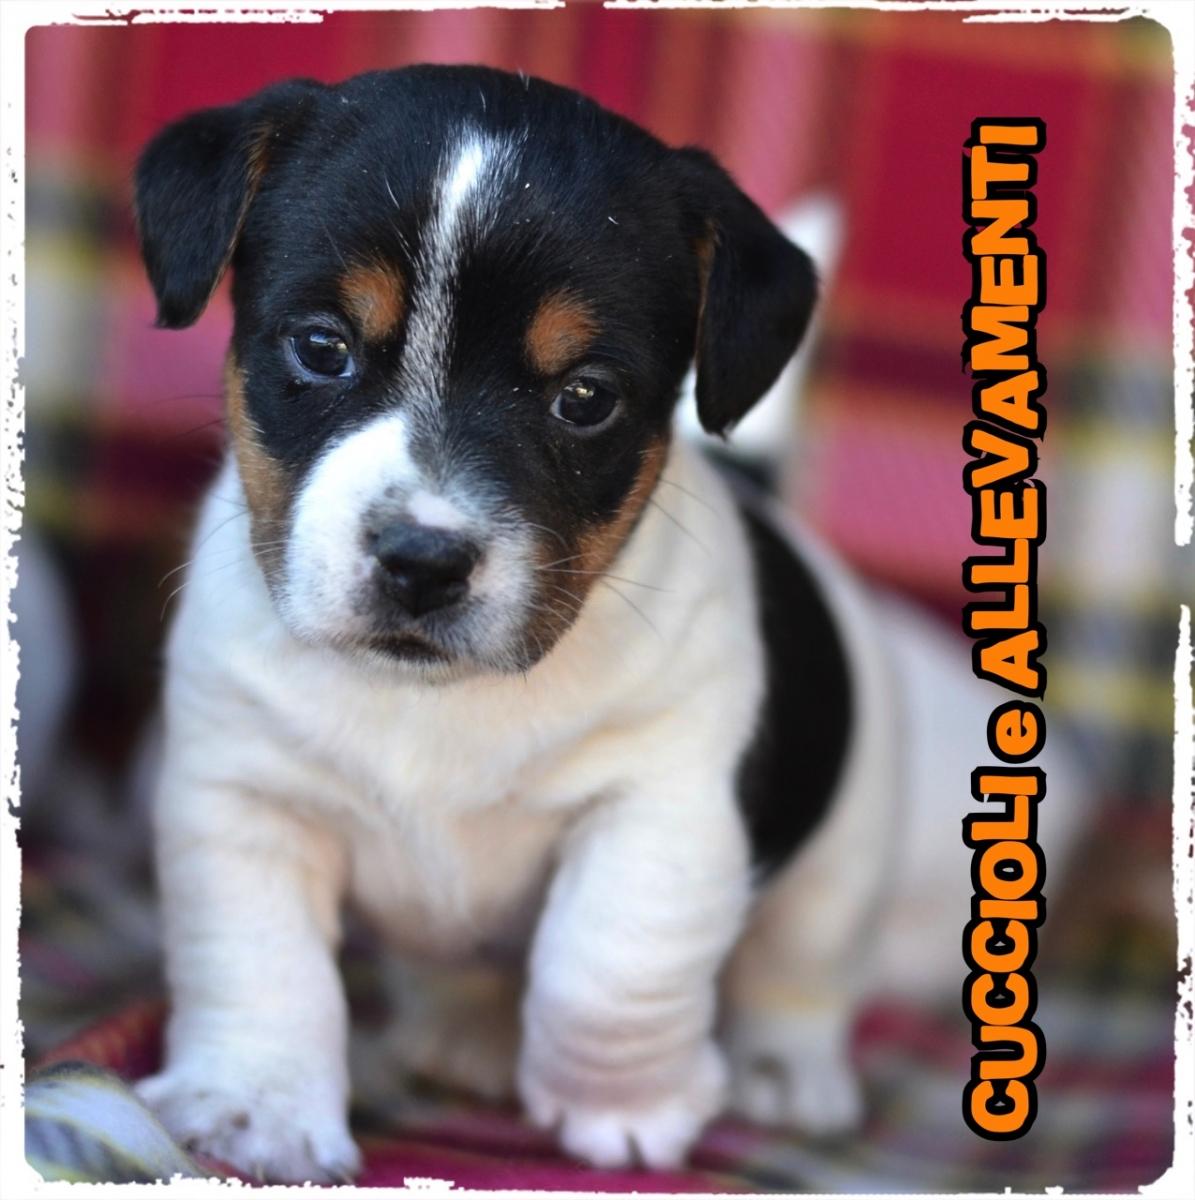 Cuccioli E Allevamento Jack Russell Terrier Cuccioli E Allevamenti